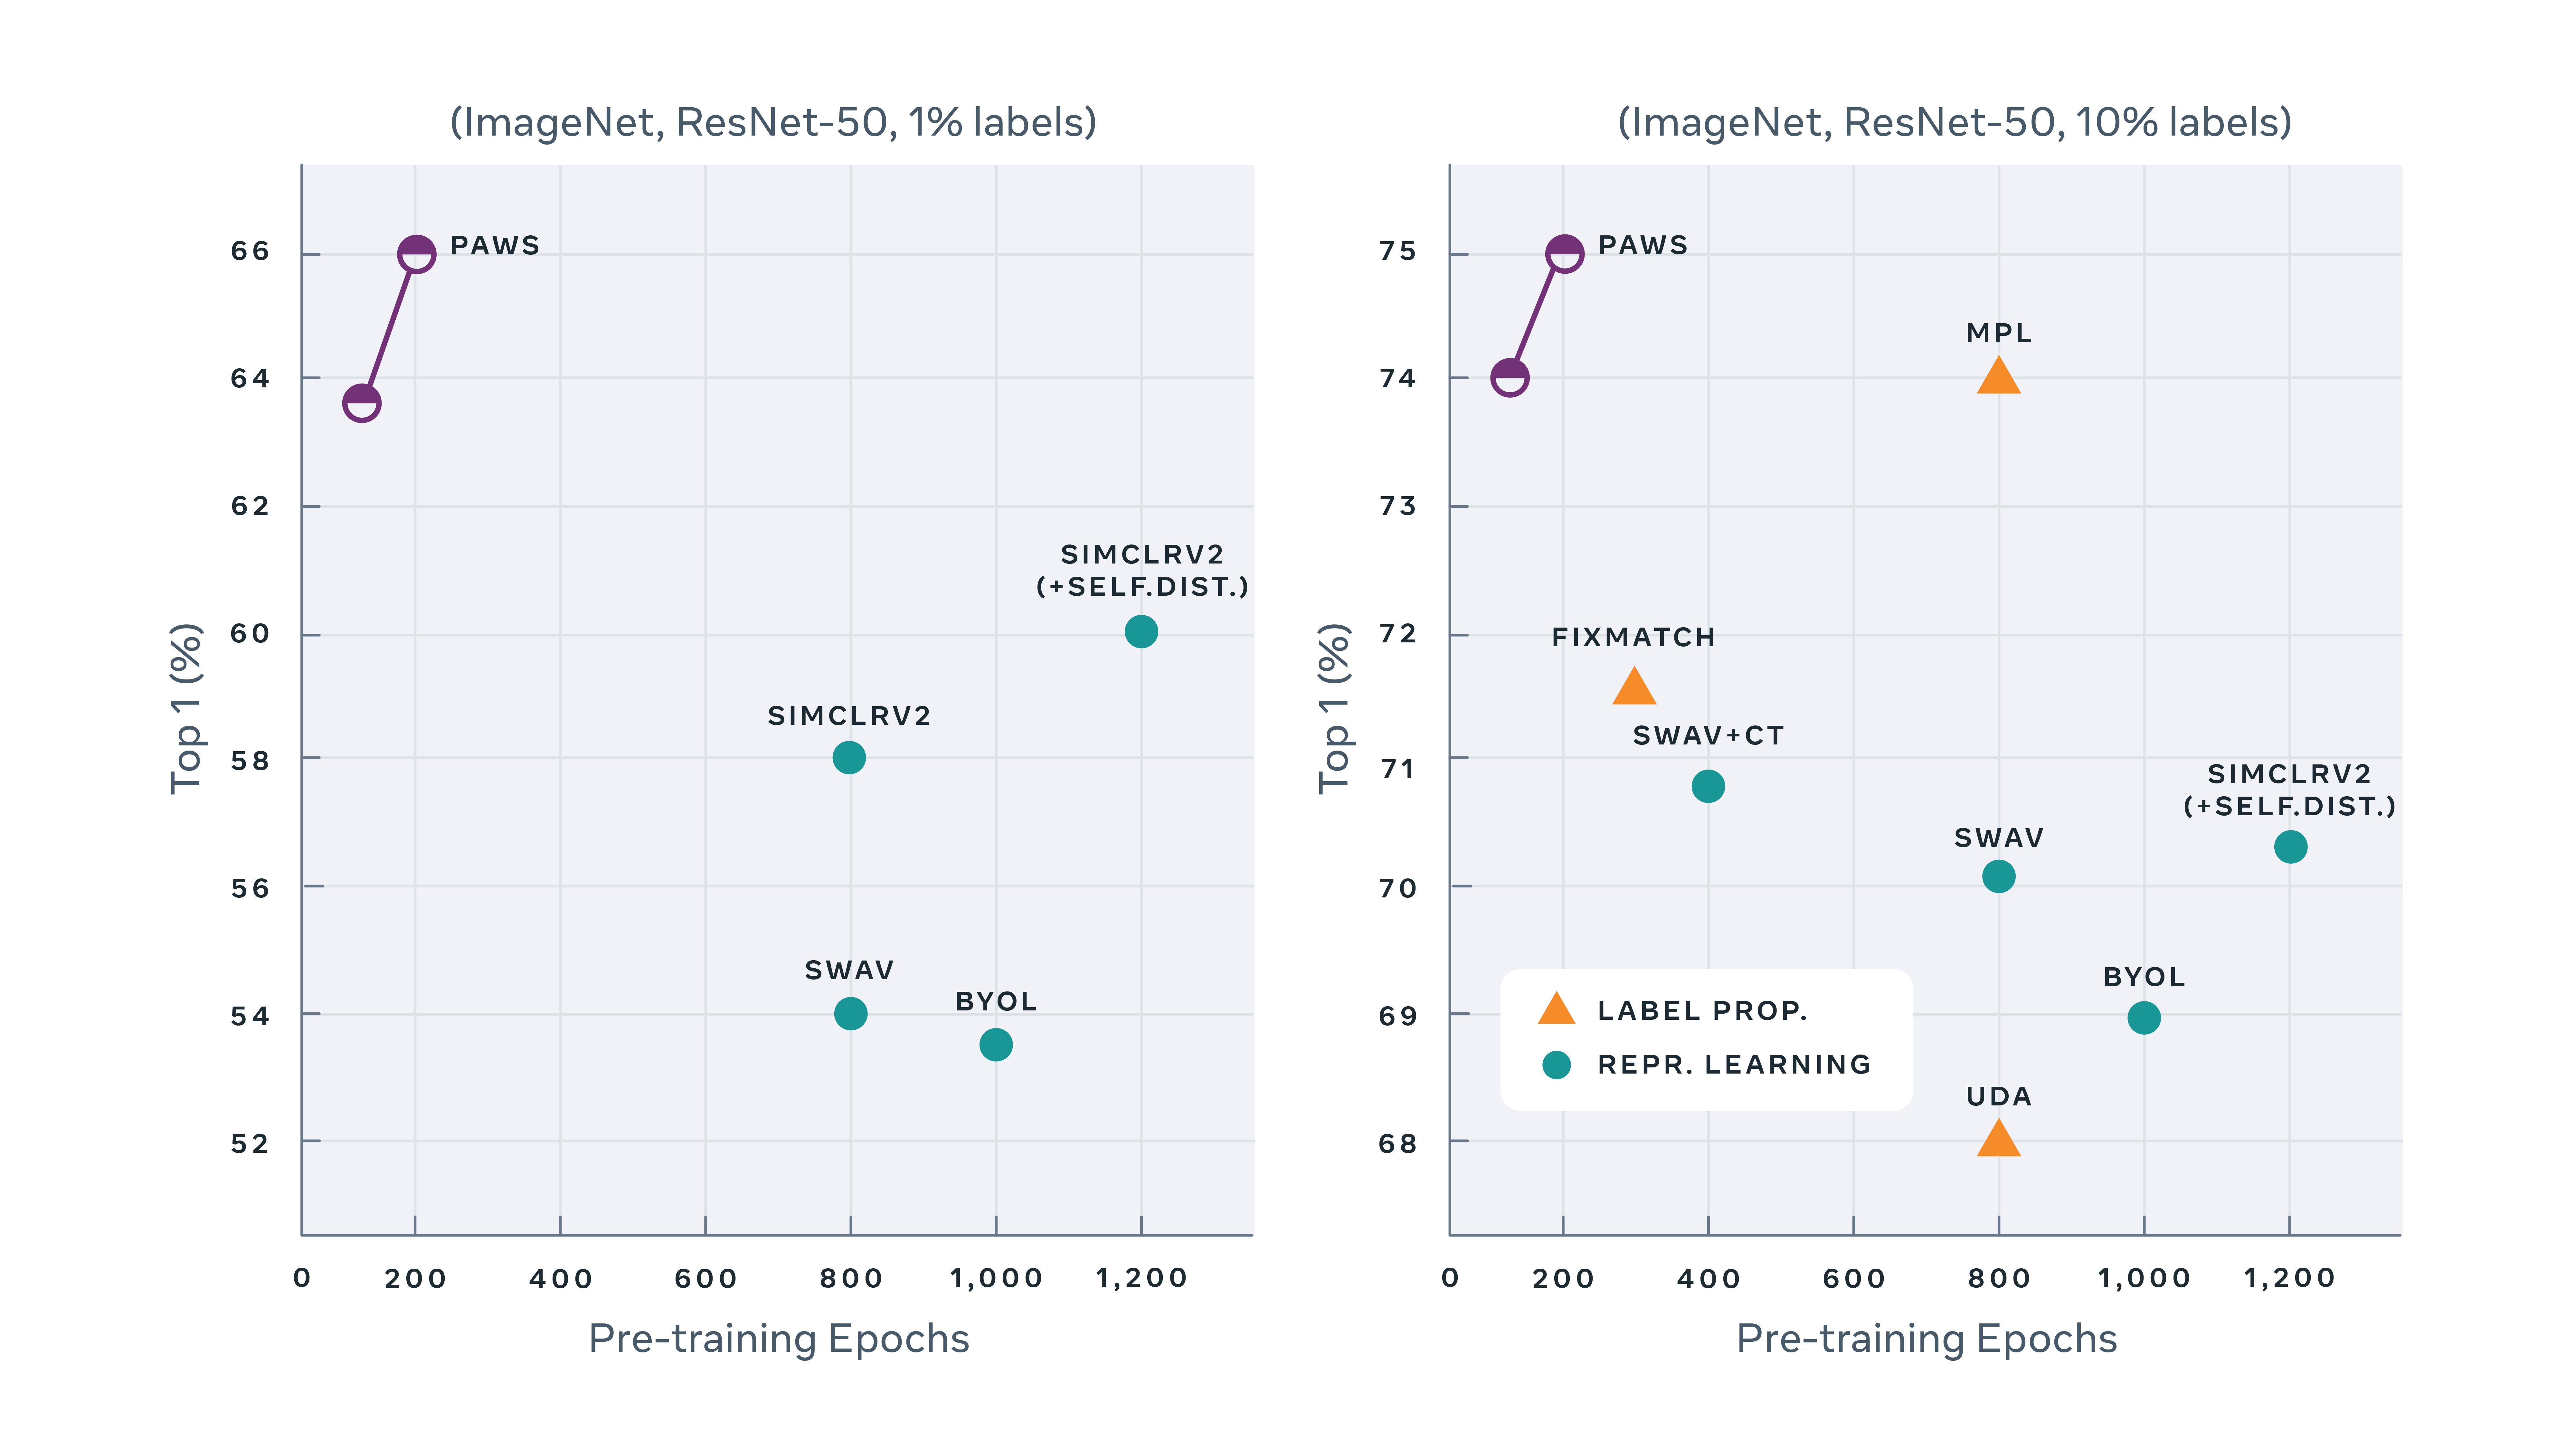 PAWS entrainé méthode apprentissage semi-supervisé base données réduite